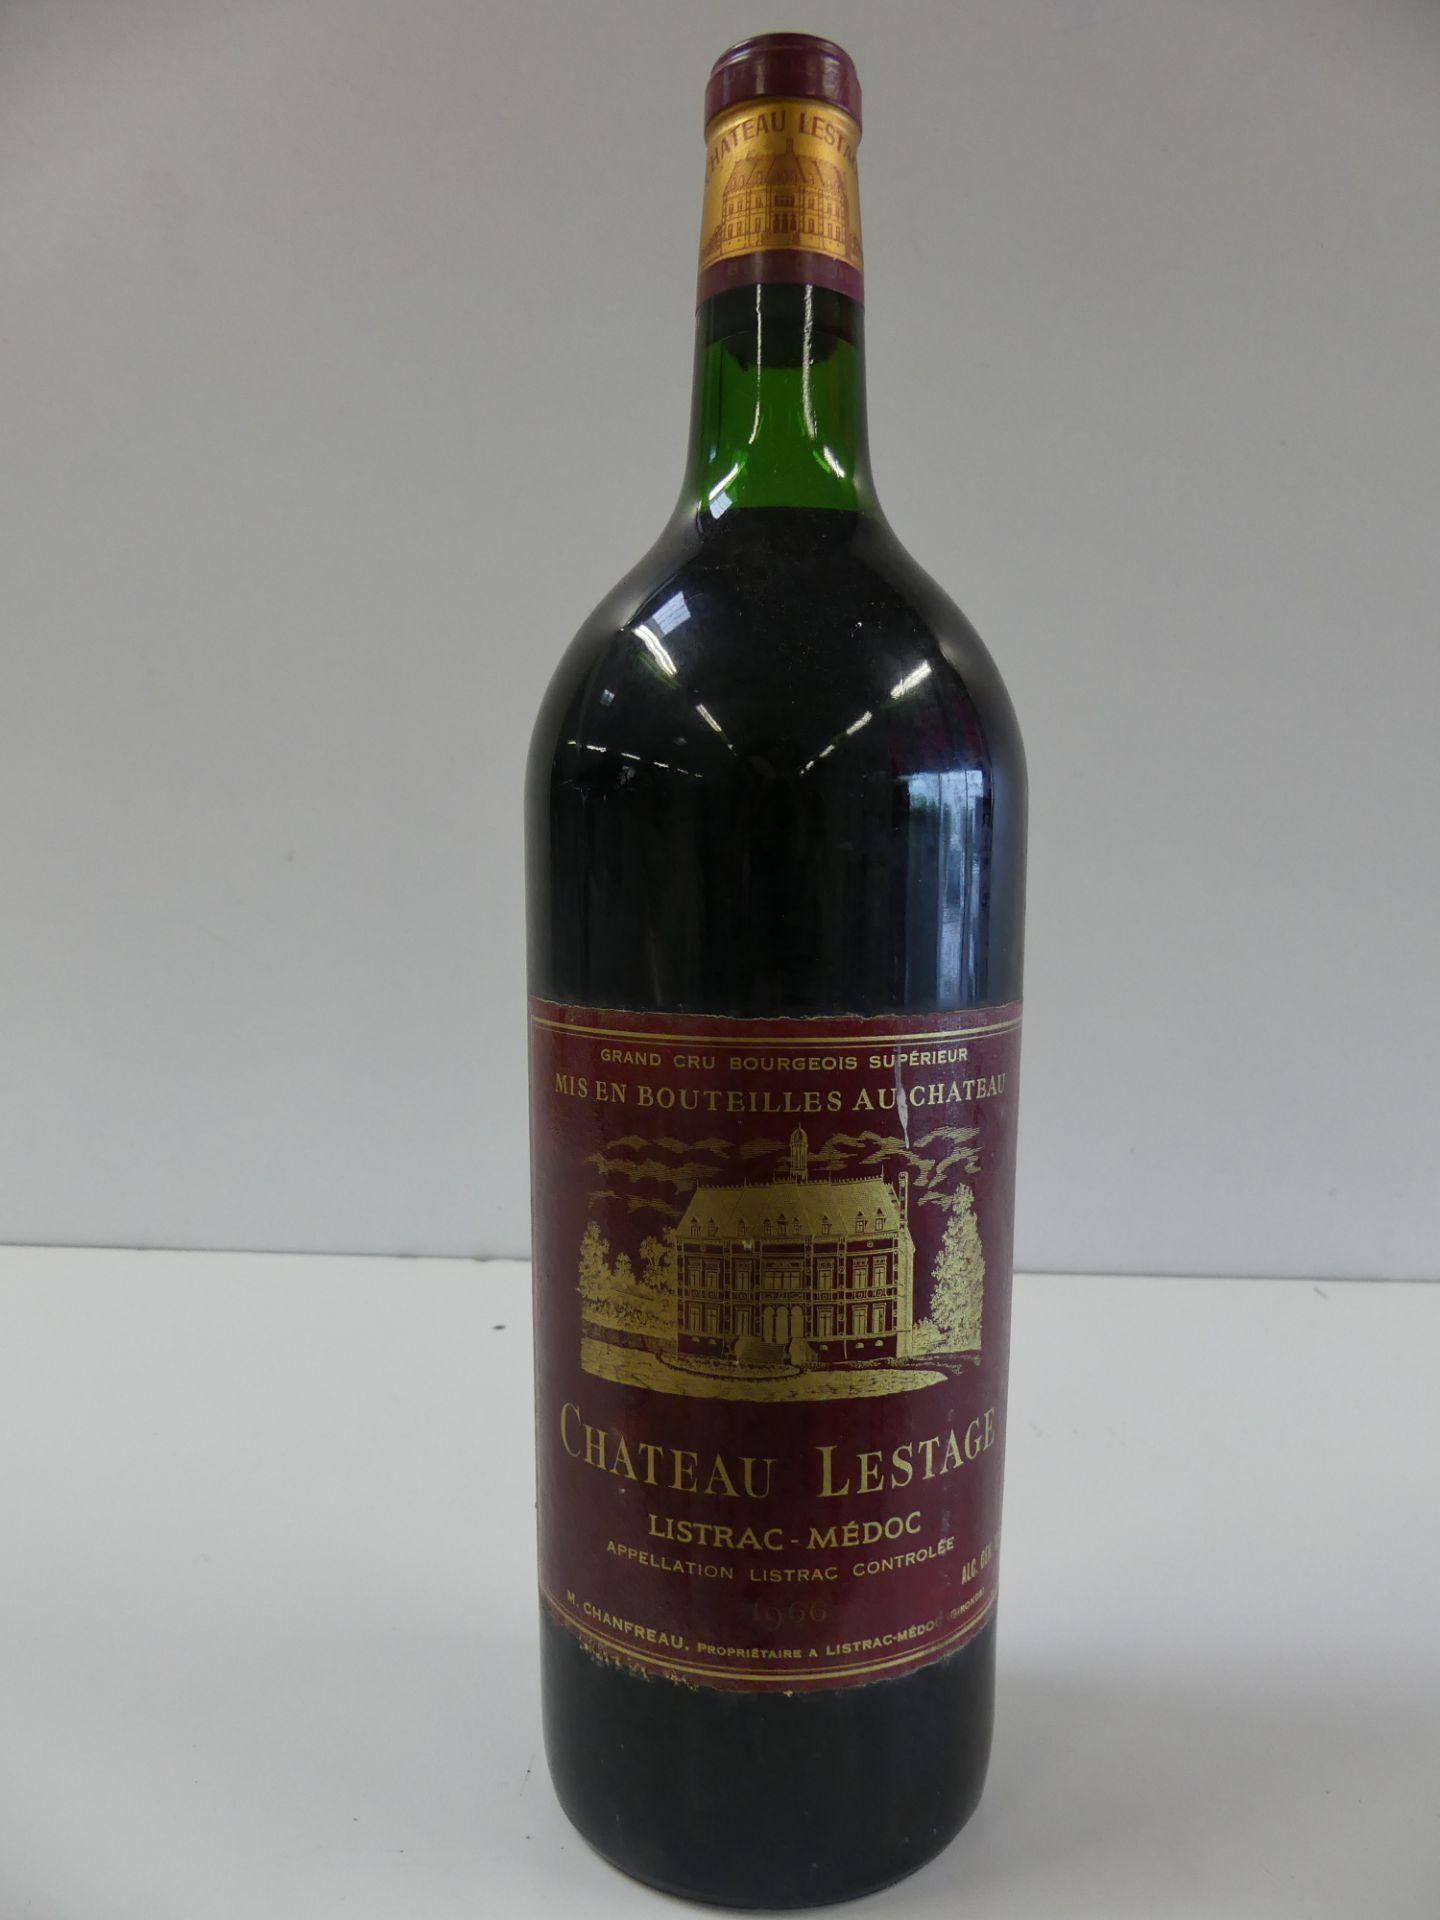 Los 23 - 1 MAGNUM de Château Lestage Listrac Médoc Cru Bourgeois Supérieur 1966 (BE/ME) -